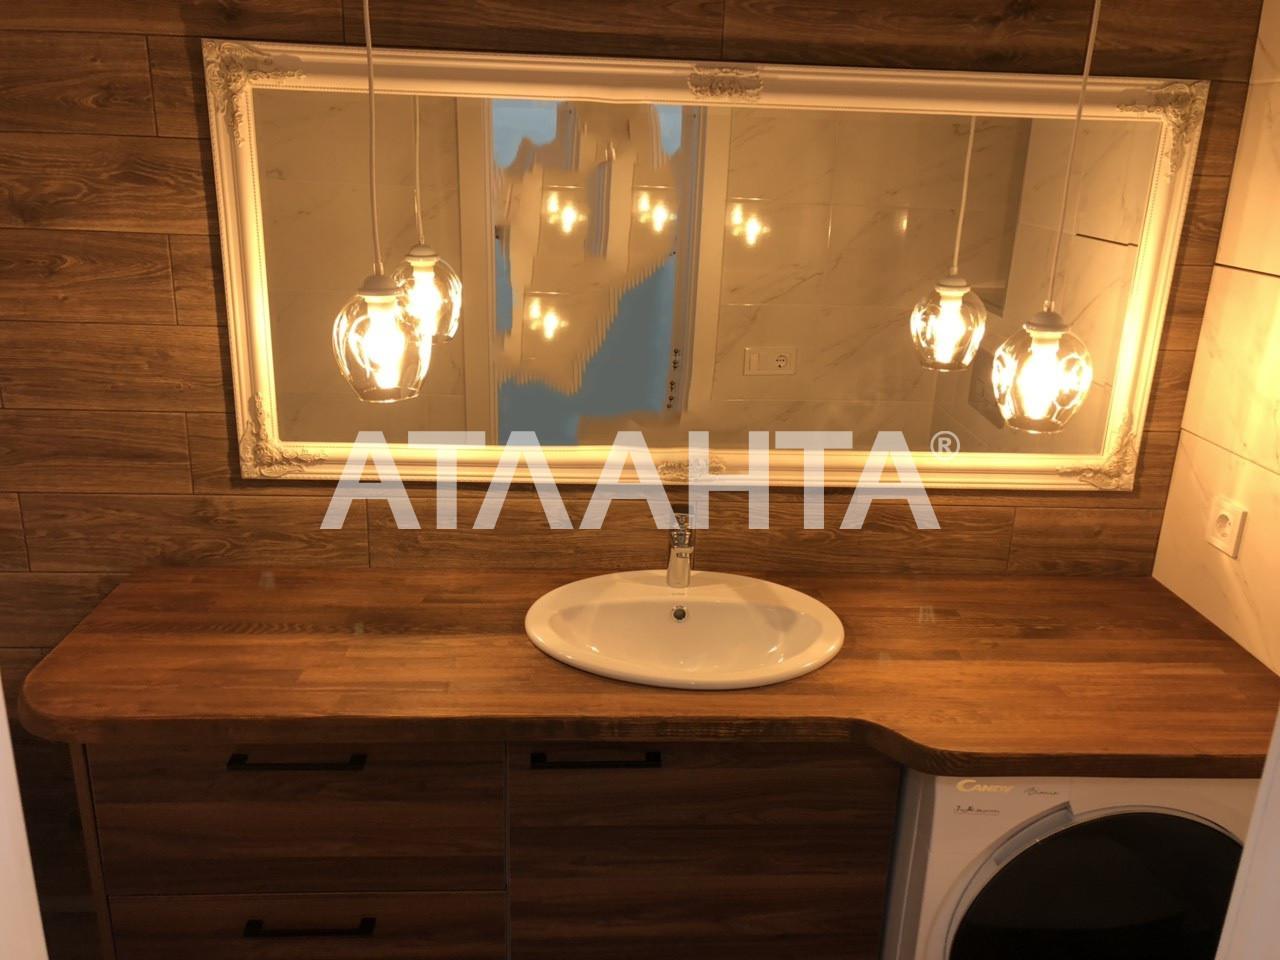 Продается 1-комнатная Квартира на ул. Жемчужная — 45 000 у.е. (фото №5)